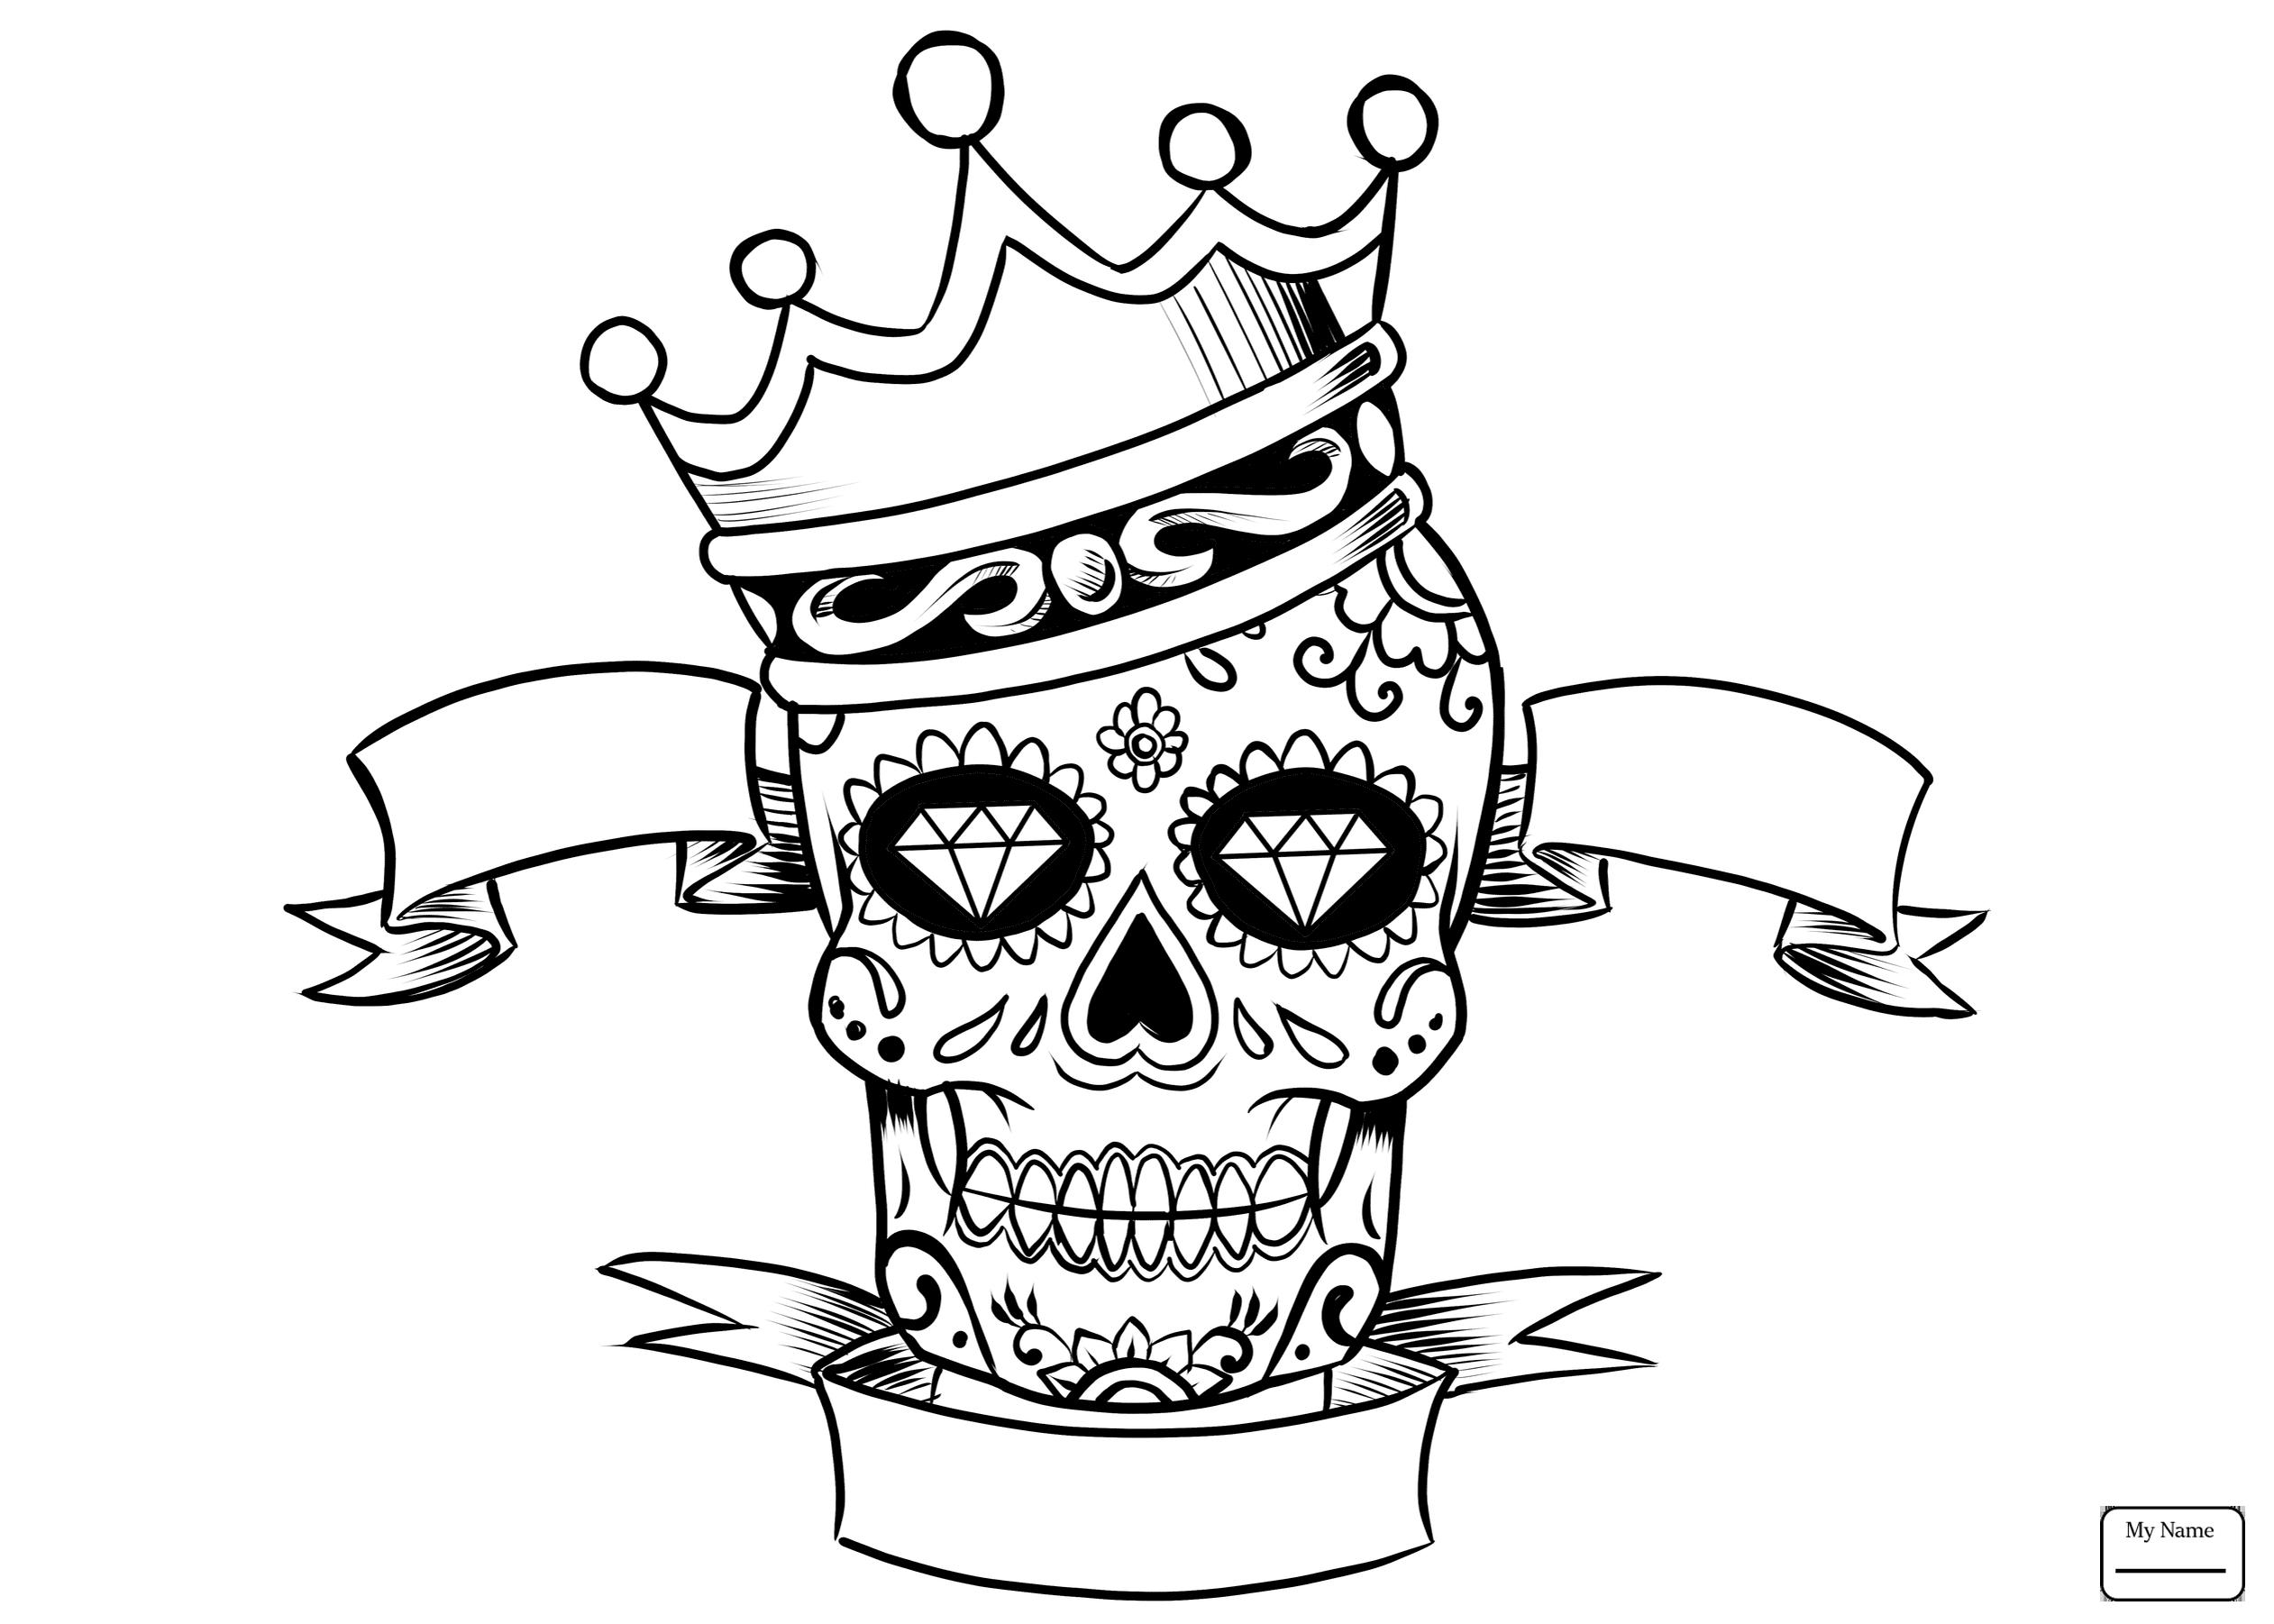 Simple Sugar Skull Drawing At GetDrawings.com